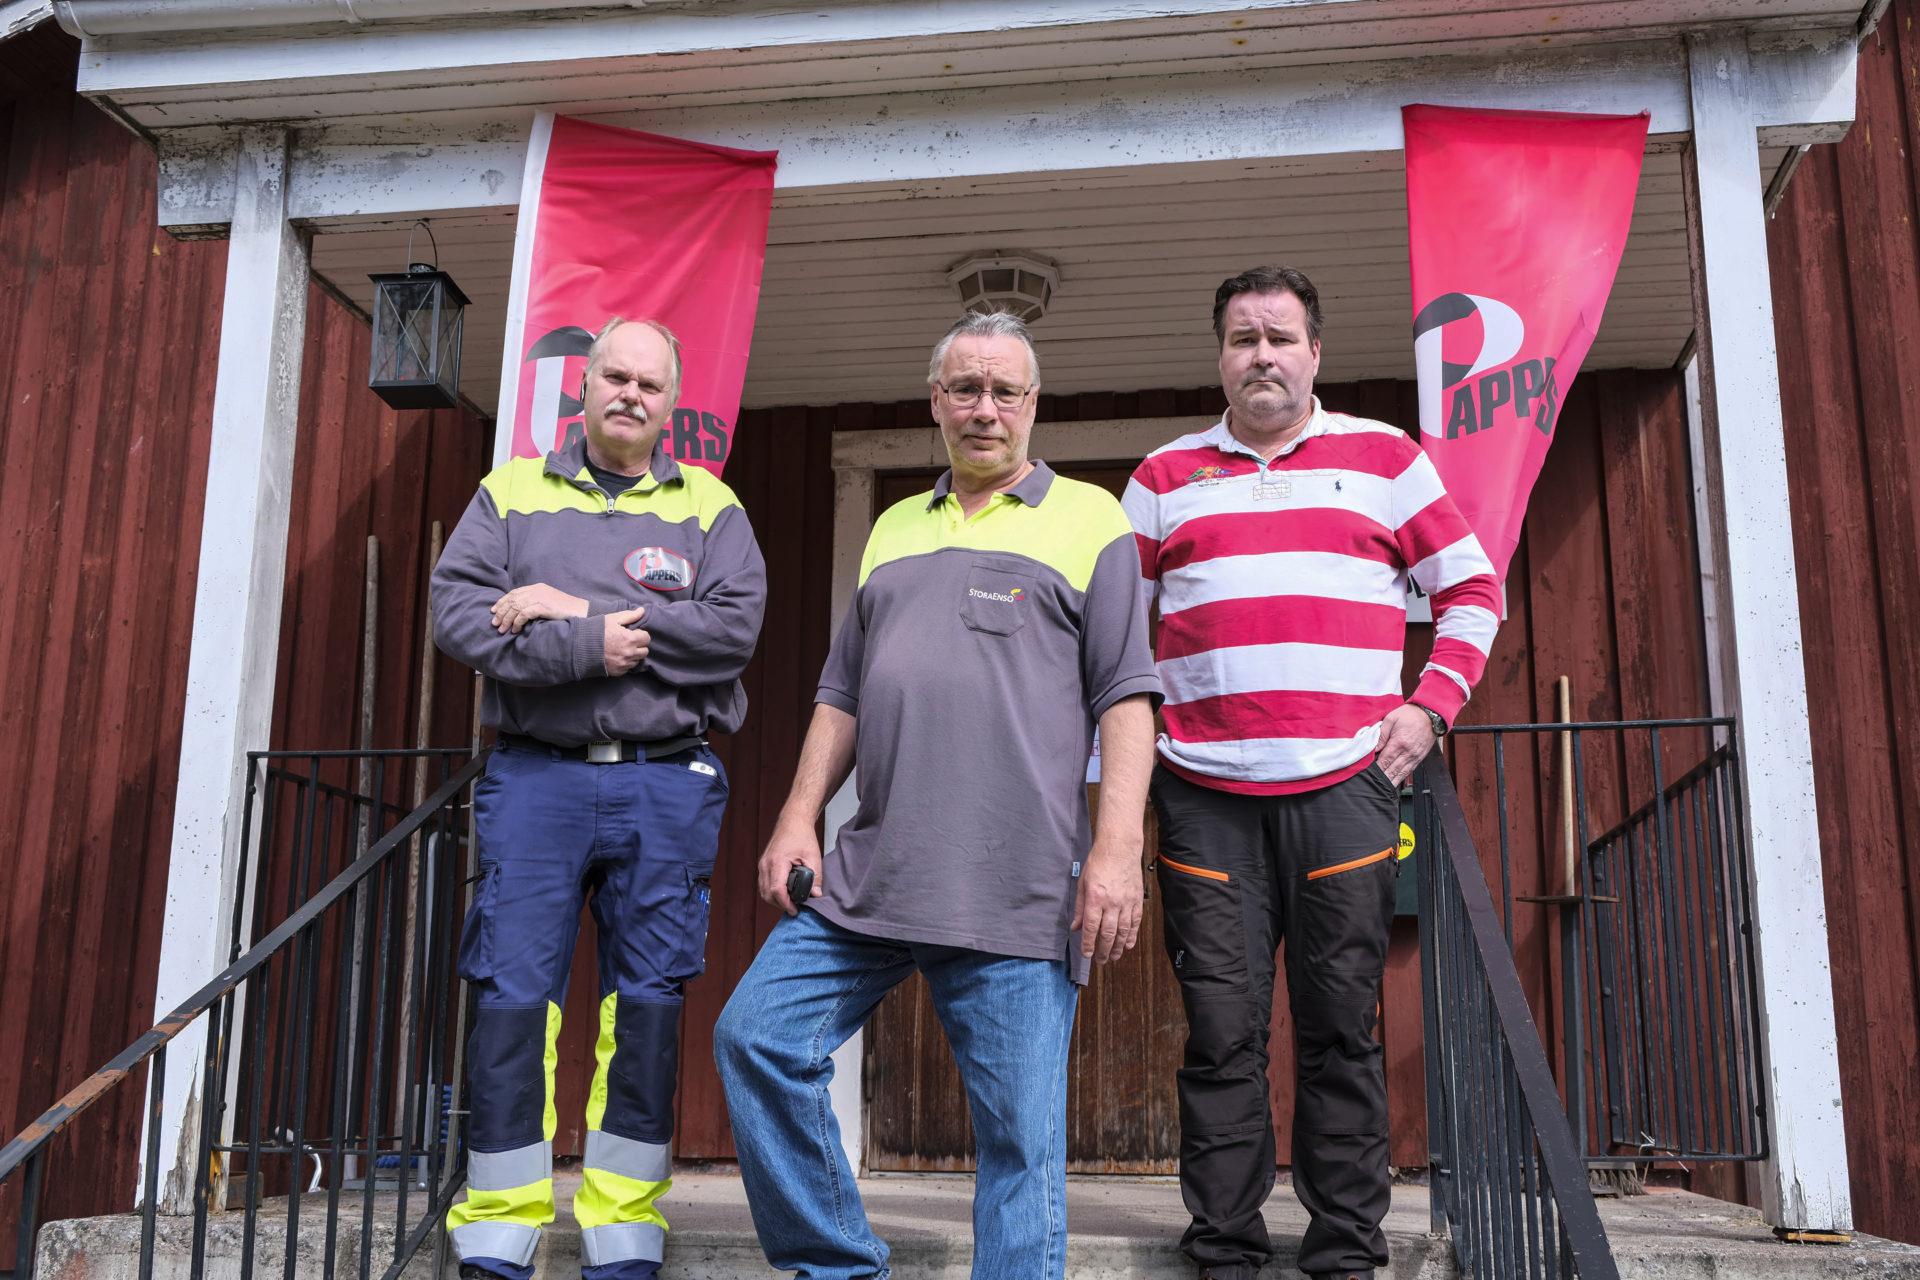 Göran Israelsson, Patrik Aronsson och Anders Pettersson utanför Pappersavdelningens rödmålade hus på Kvarnsvedens pappersbruk. De står på trappan. Bakom dem hänger två vimplar med Pappers logga på.